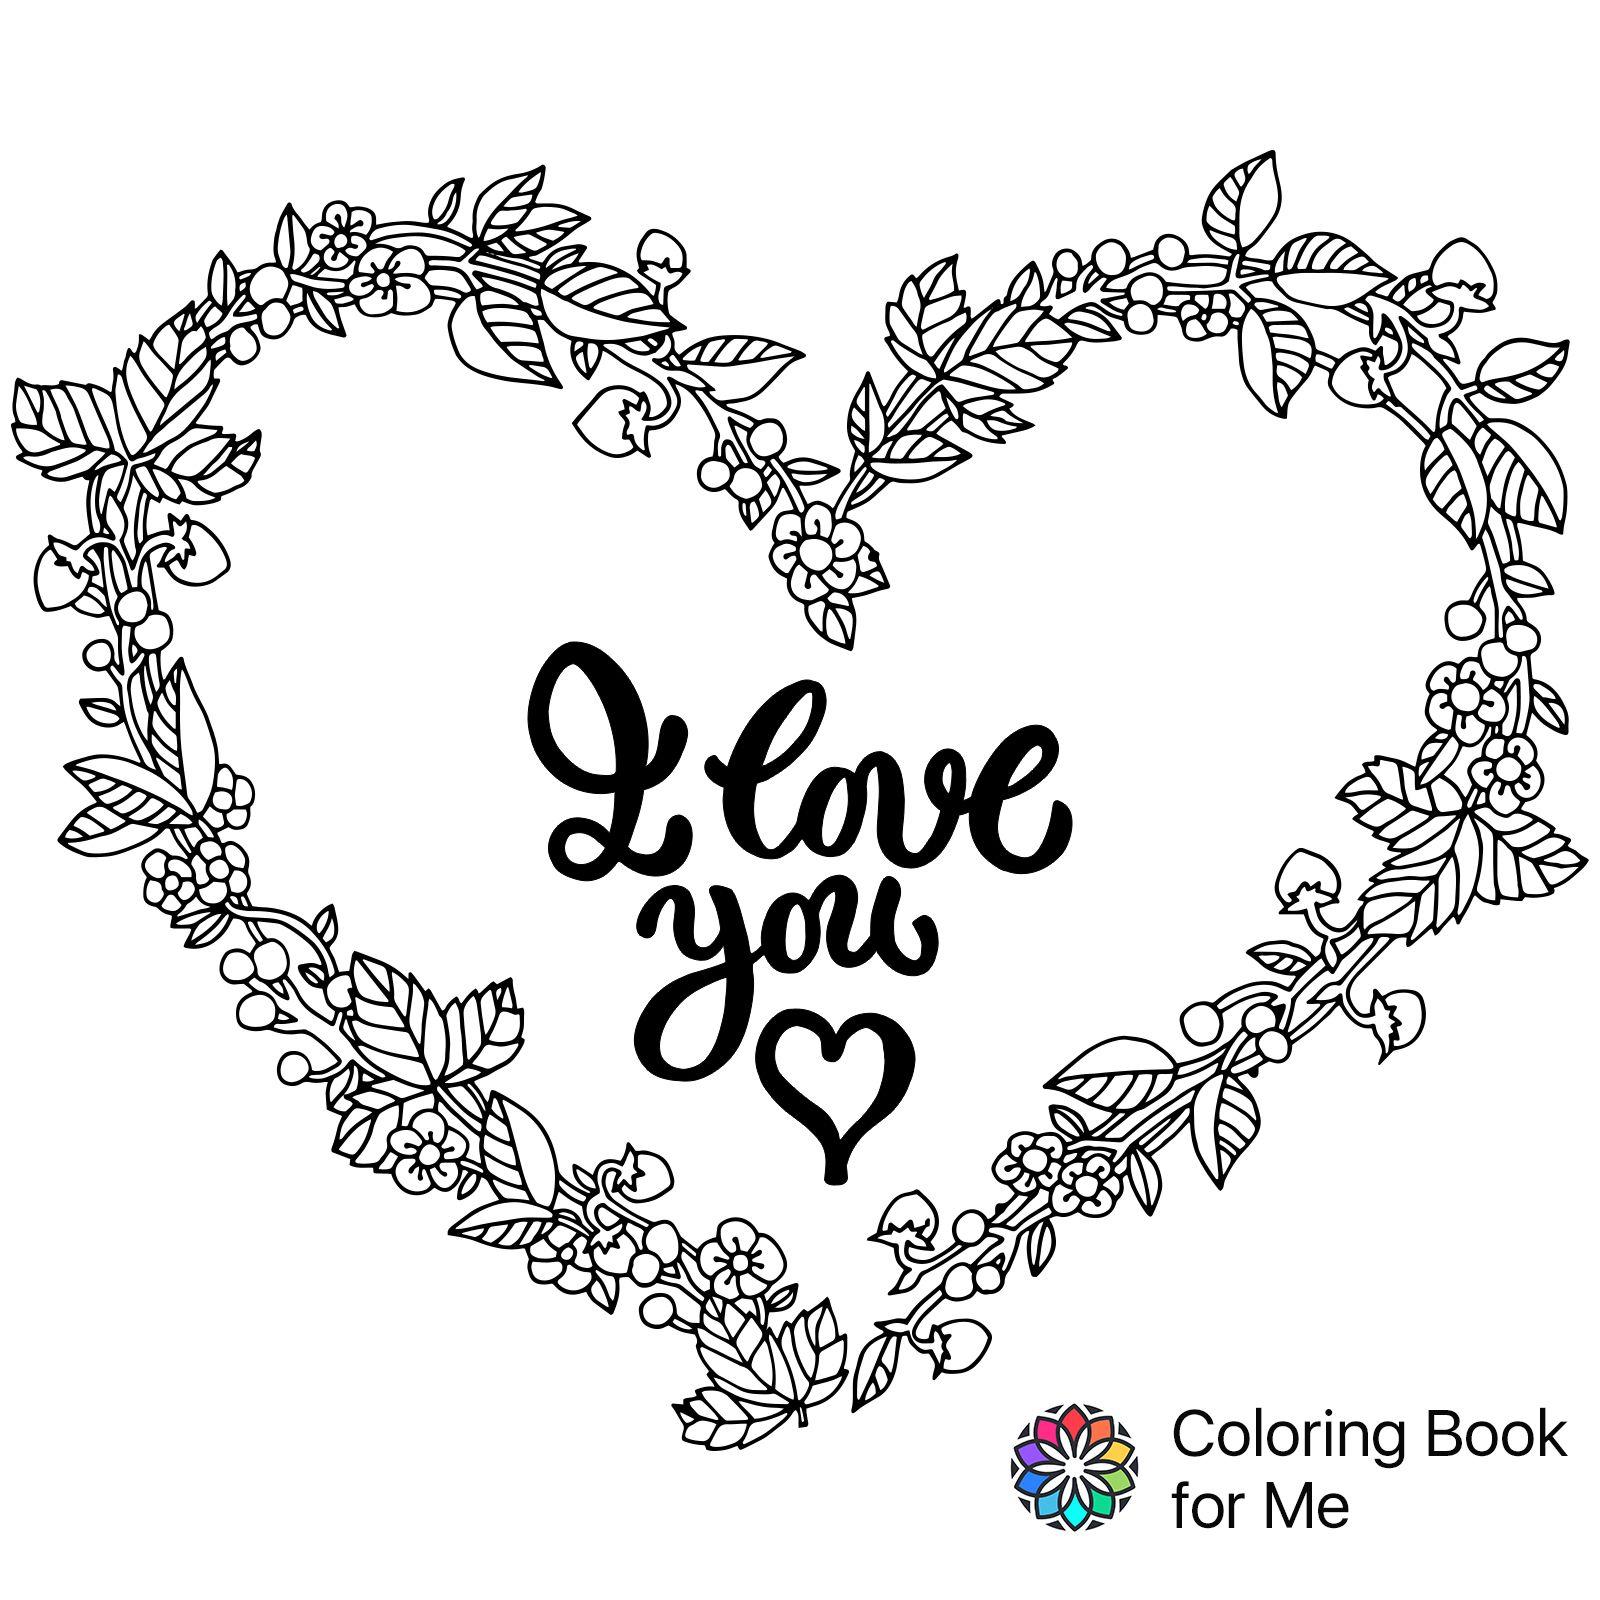 Coloreado con: Libro de colorear para mí   Libro de colorear ...